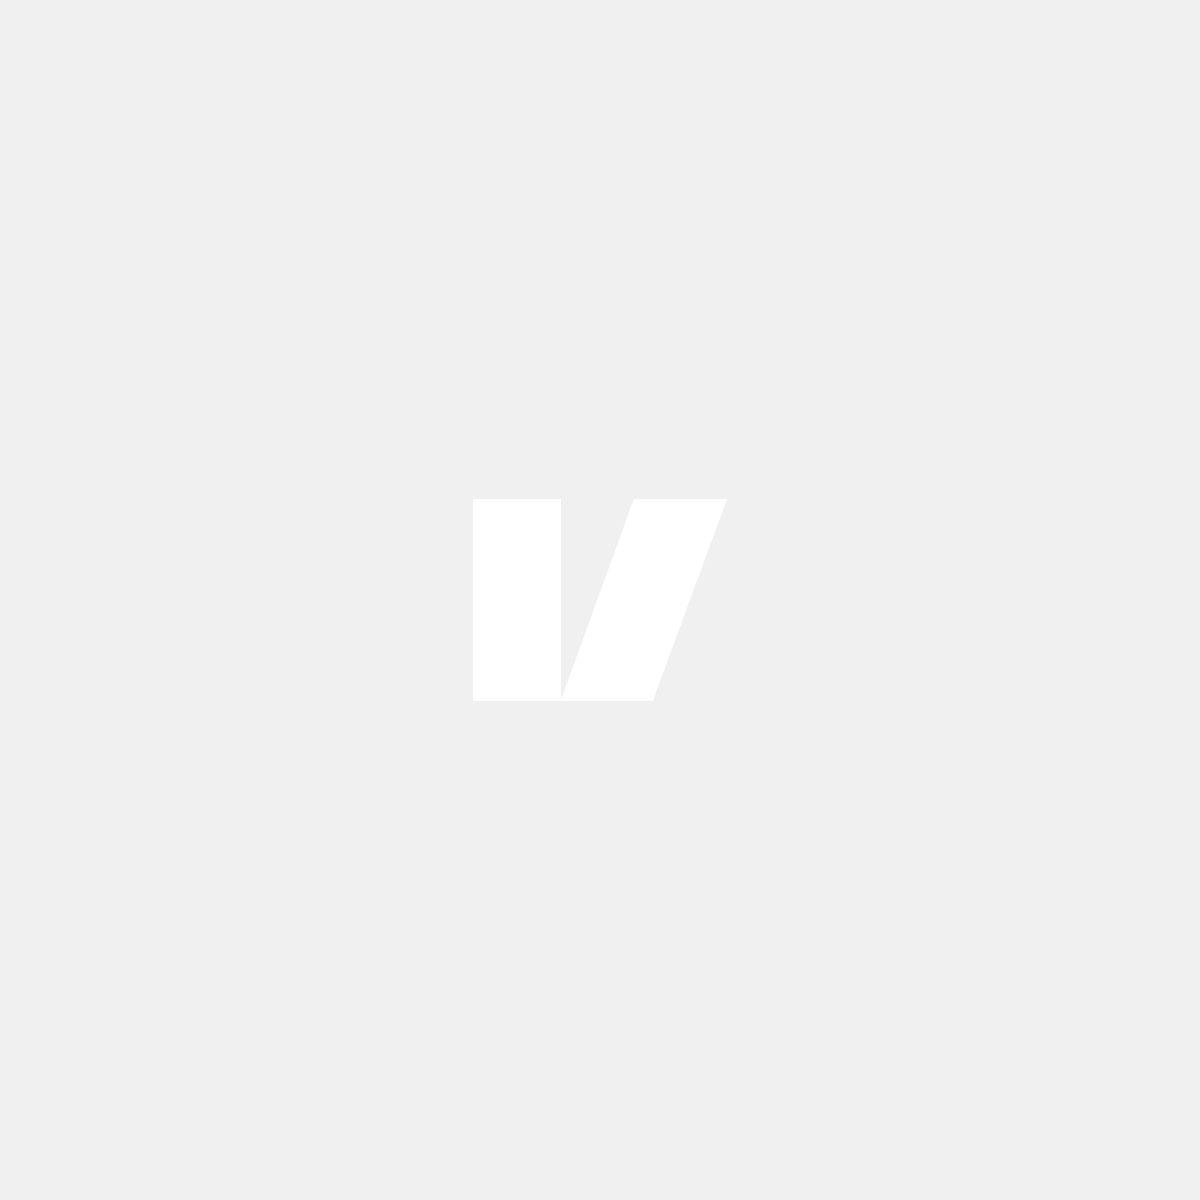 Kromad klarglasblinkers till Volvo S40, V40 01-04, förarsidan